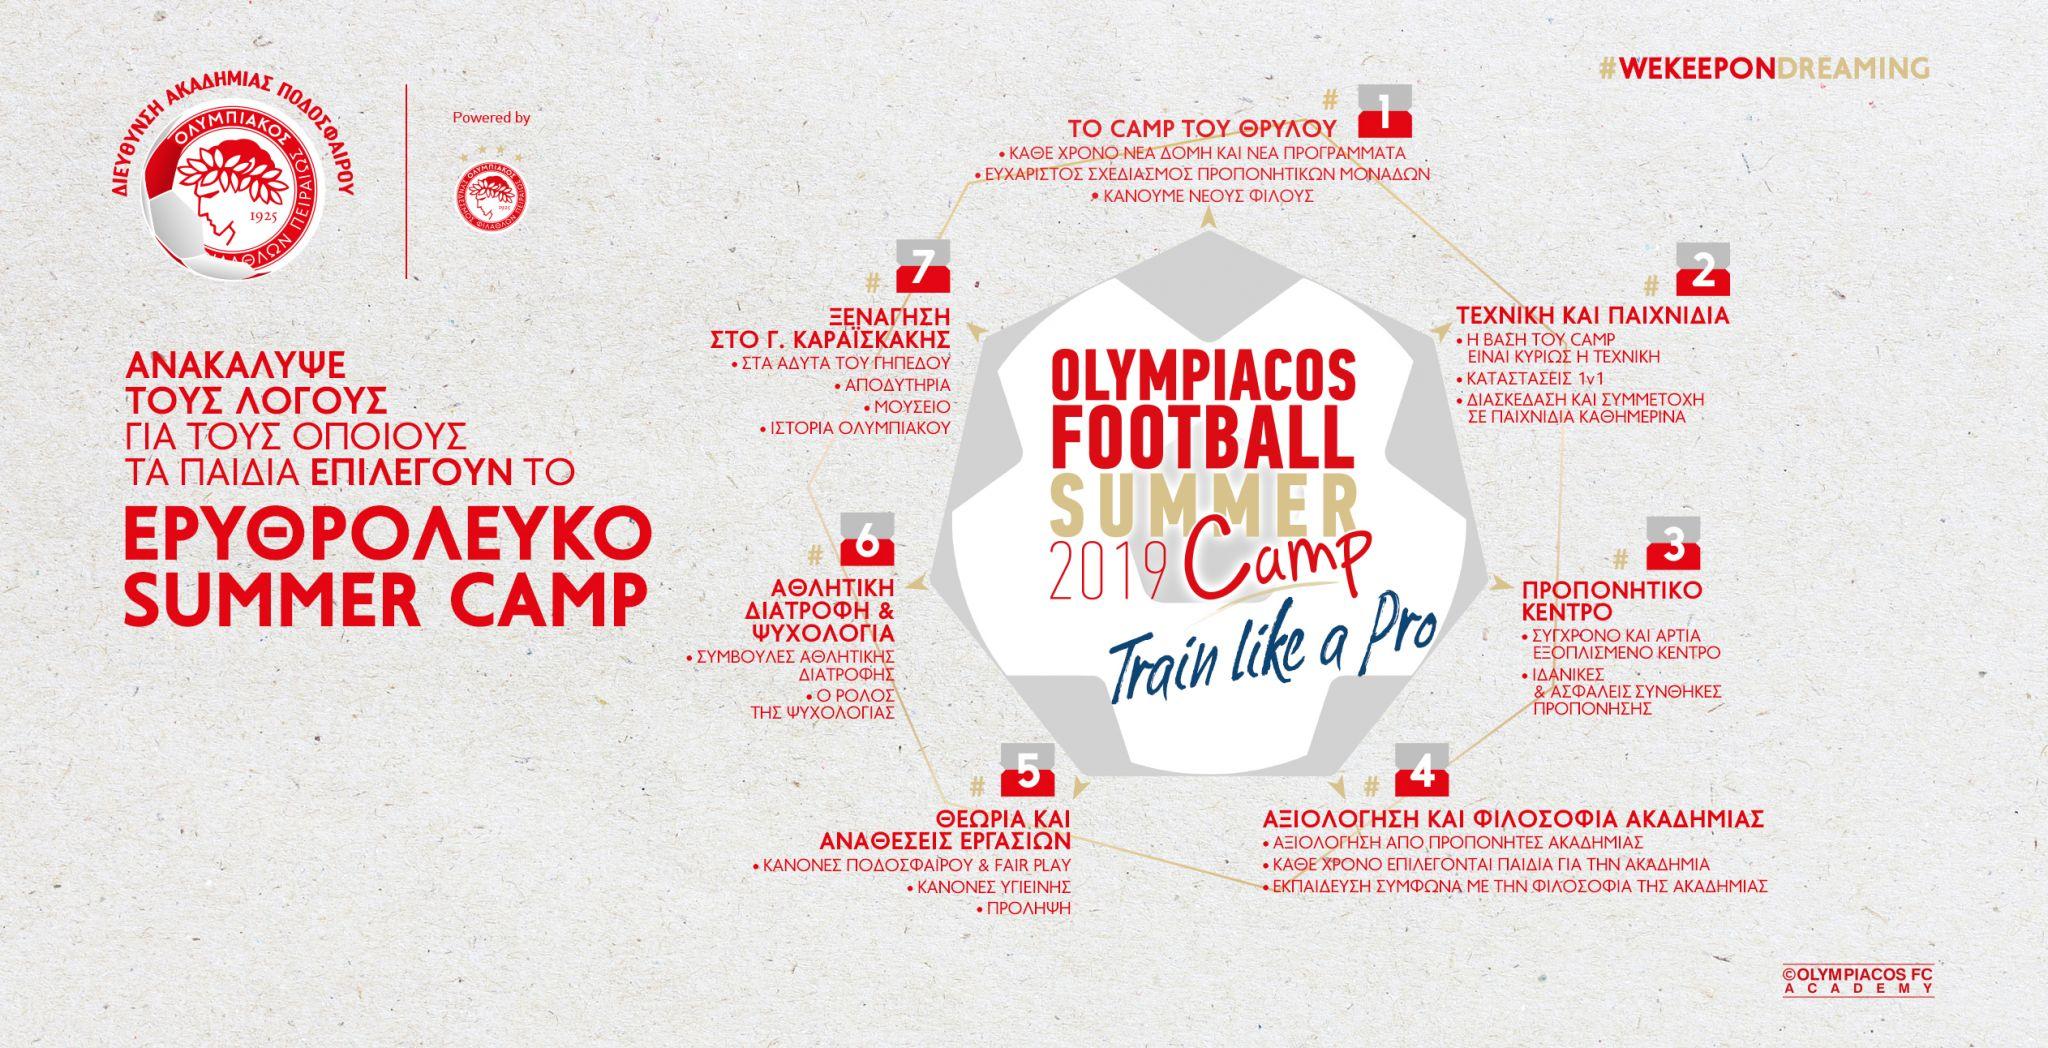 Έρχεται το 19ο ερυθρόλευκο Summer Camp!